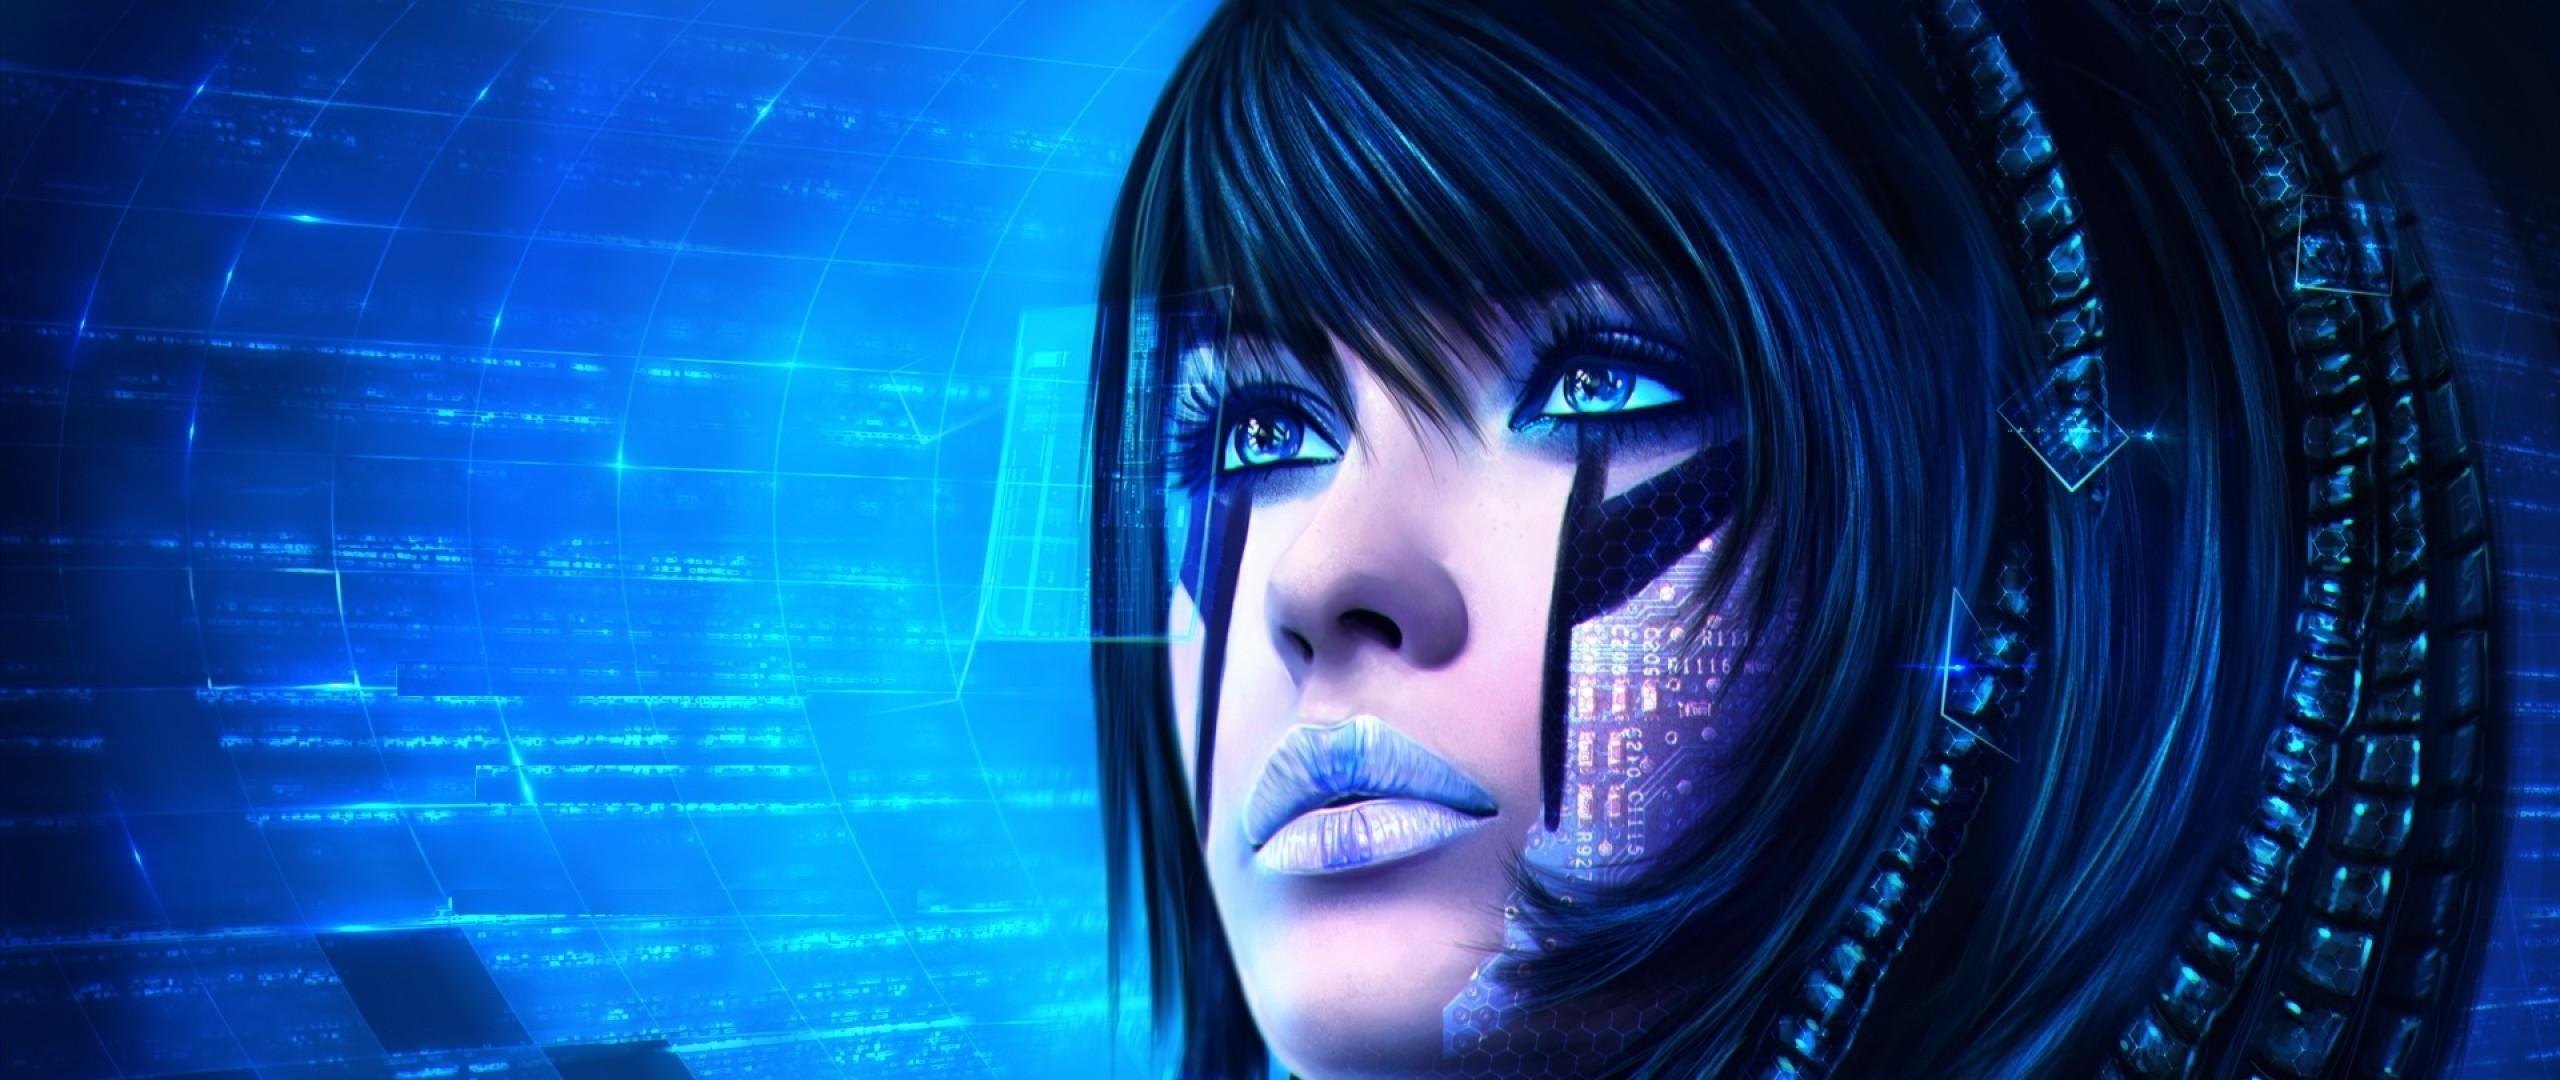 Preview wallpaper sci-fi, girl, face, art, technology 2560×1080